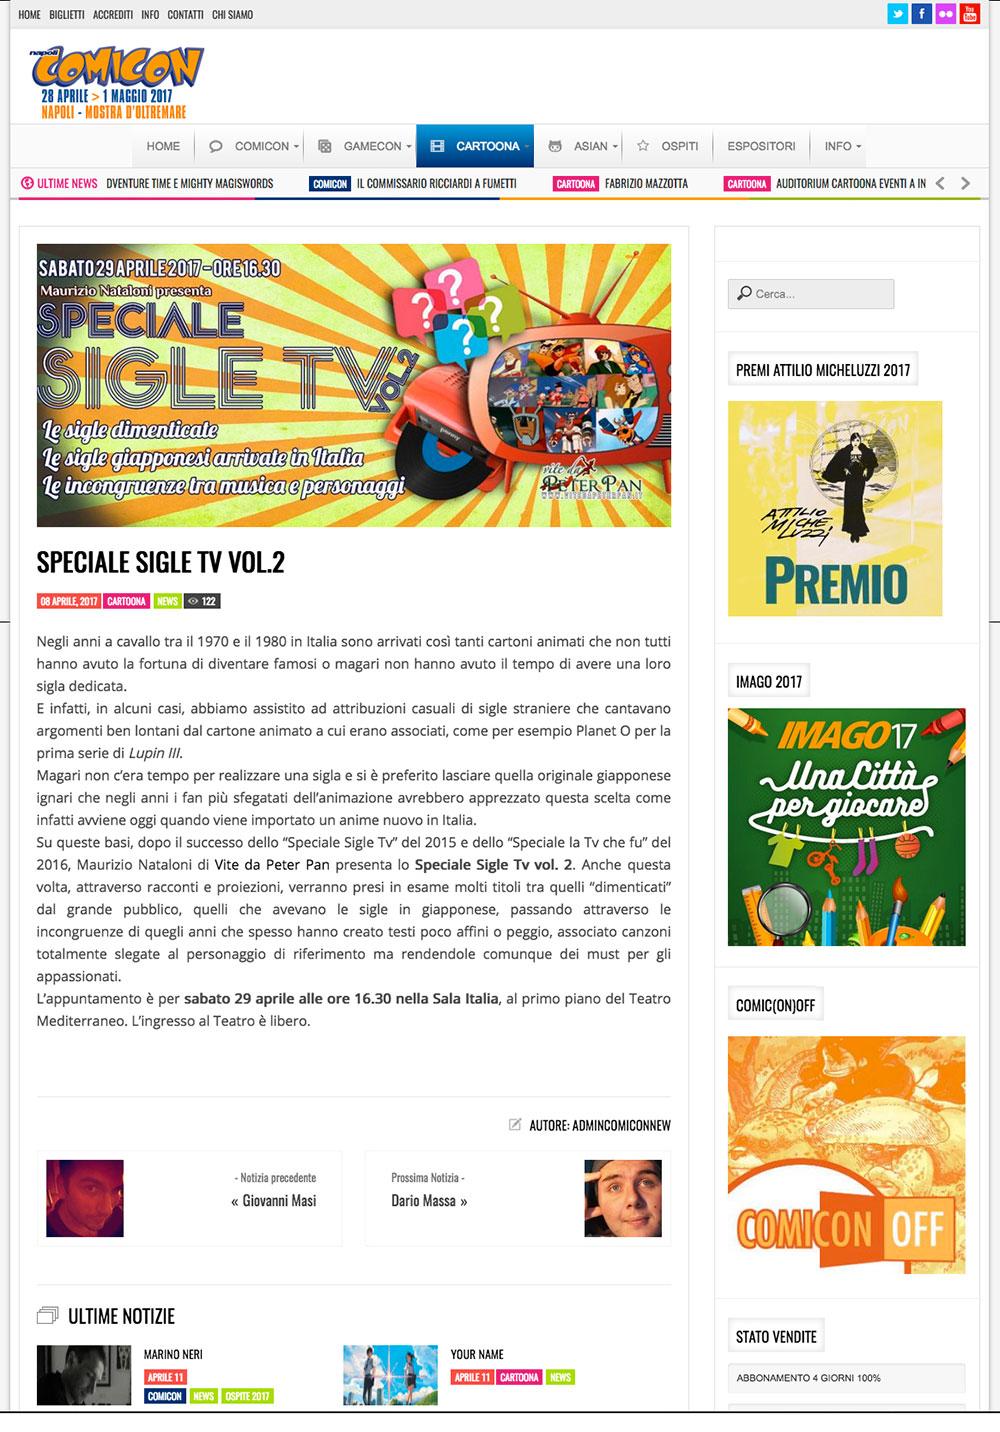 Comicon 2017: Speciale sigle tv vol.2